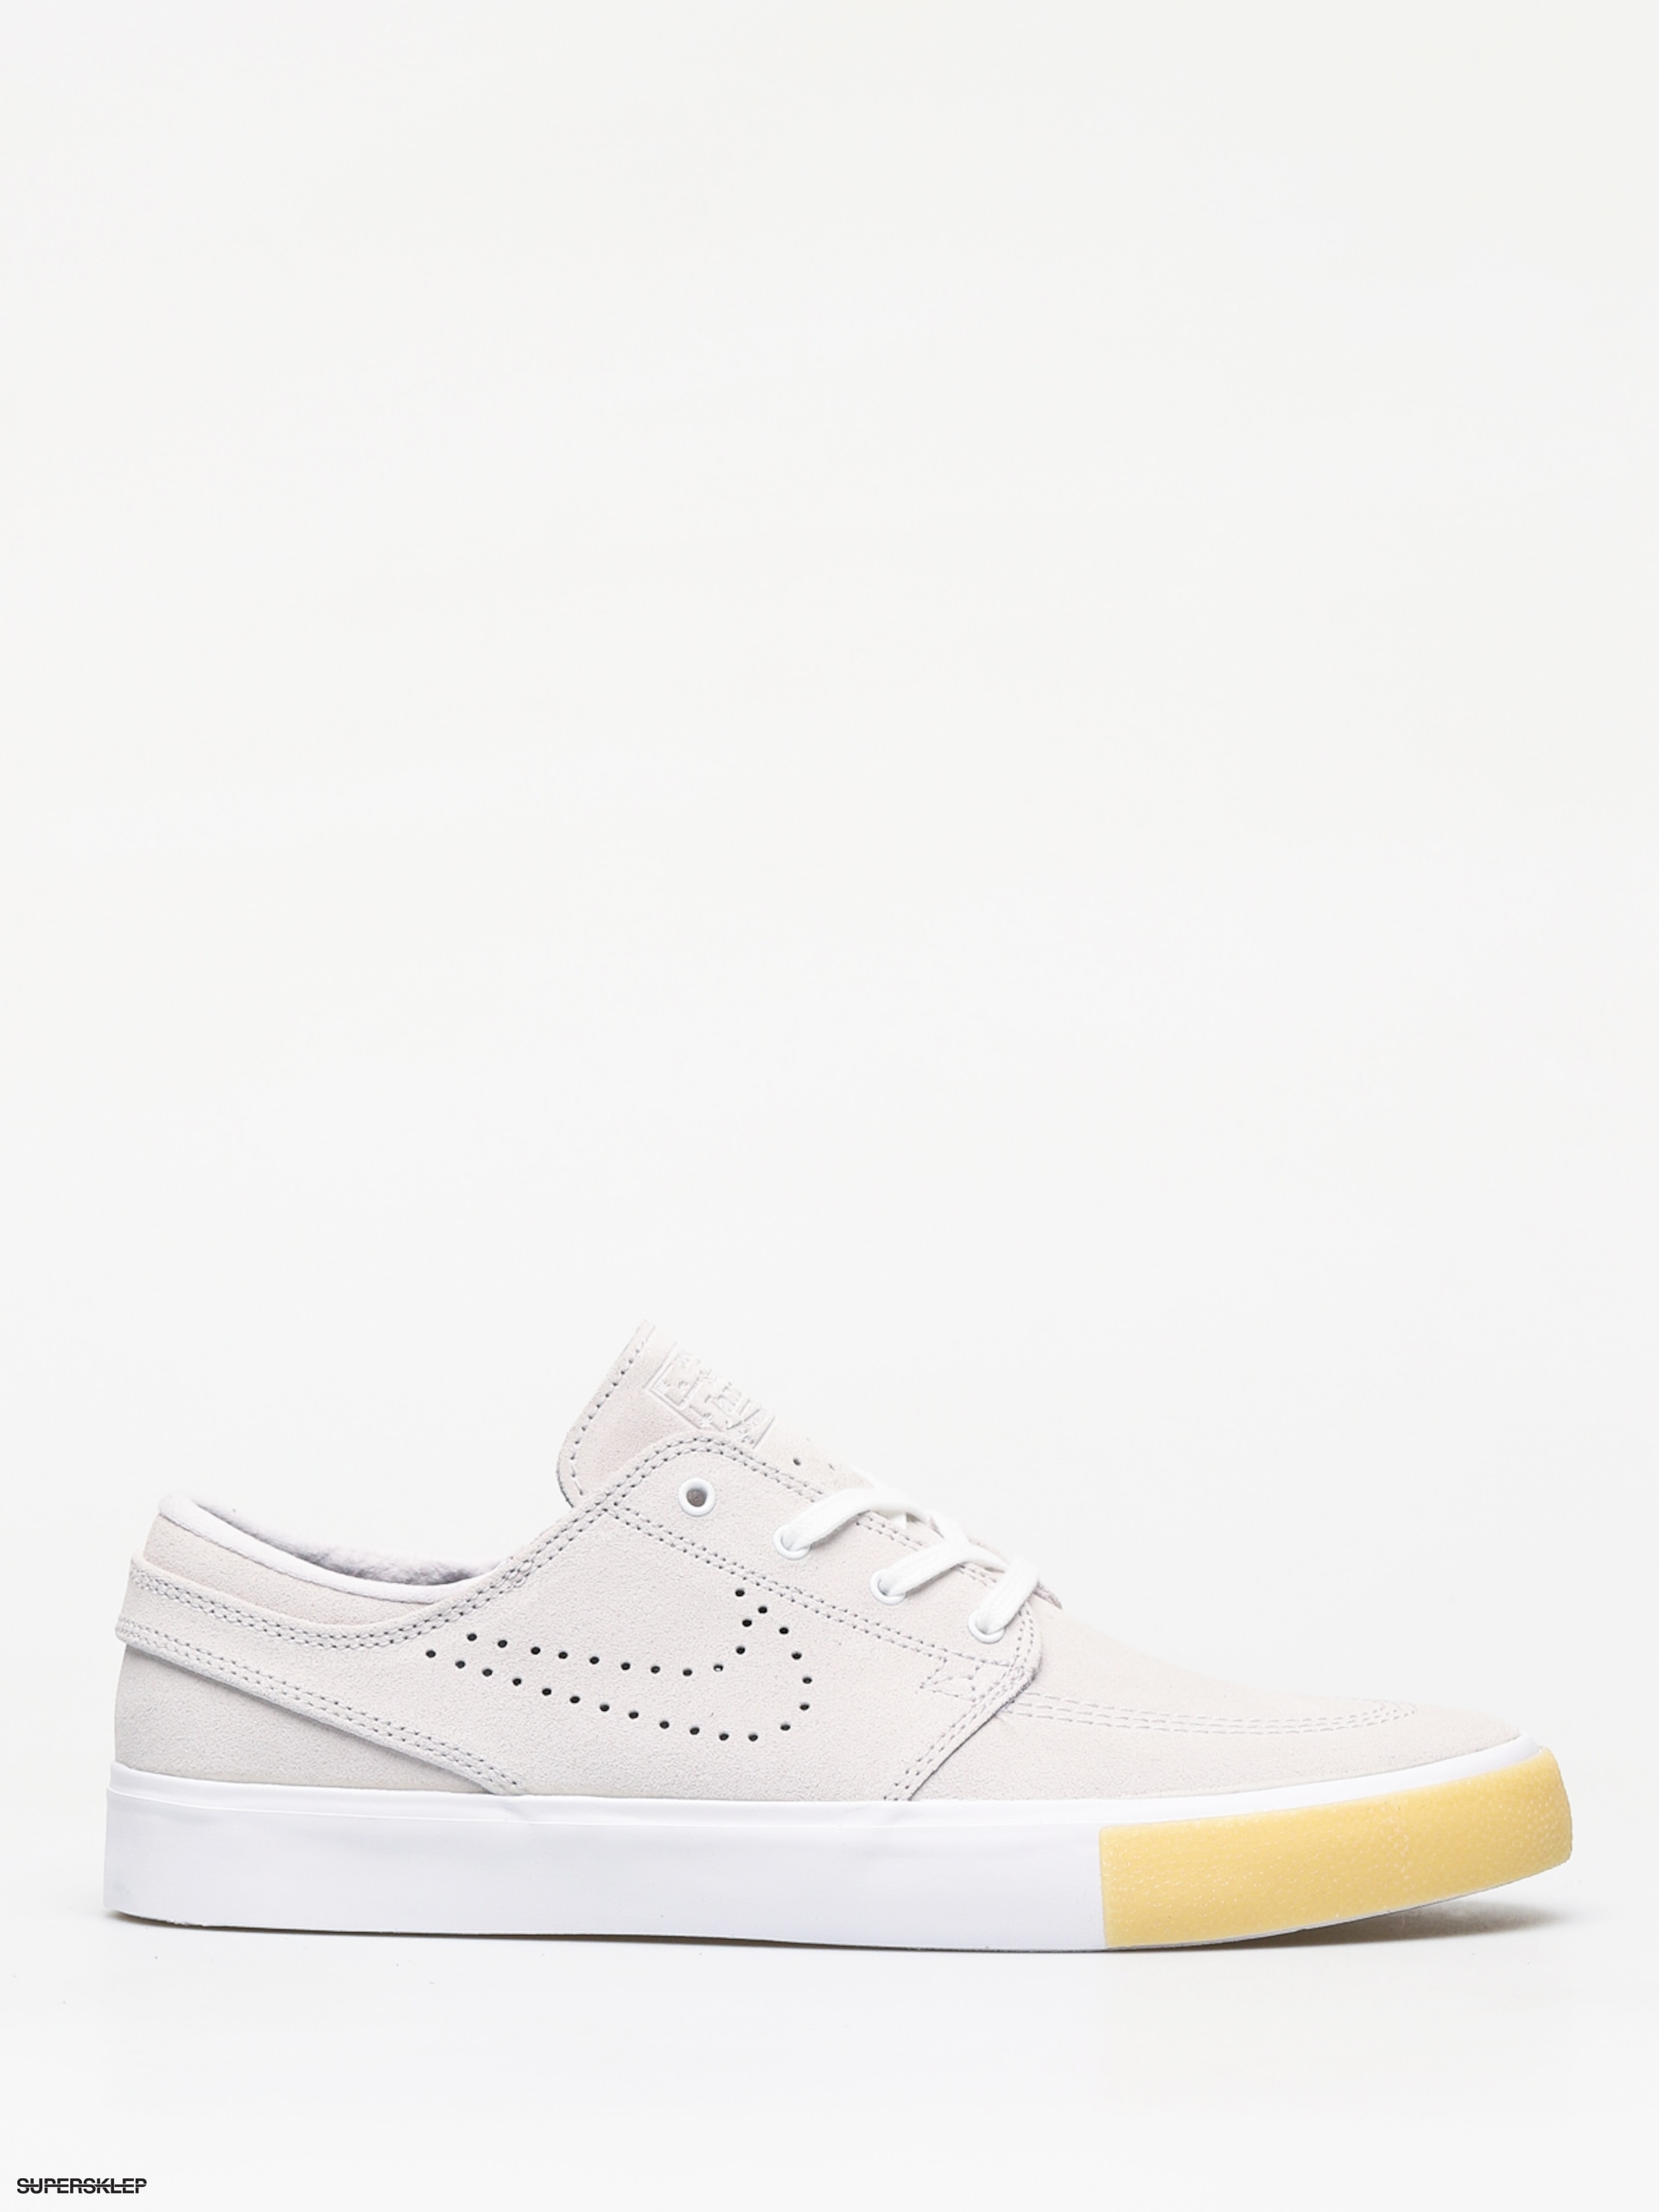 super słodki profesjonalna sprzedaż oryginalne buty Buty Nike SB Sb Zoom Janoski Rm Se (white/white vast grey gum yellow)